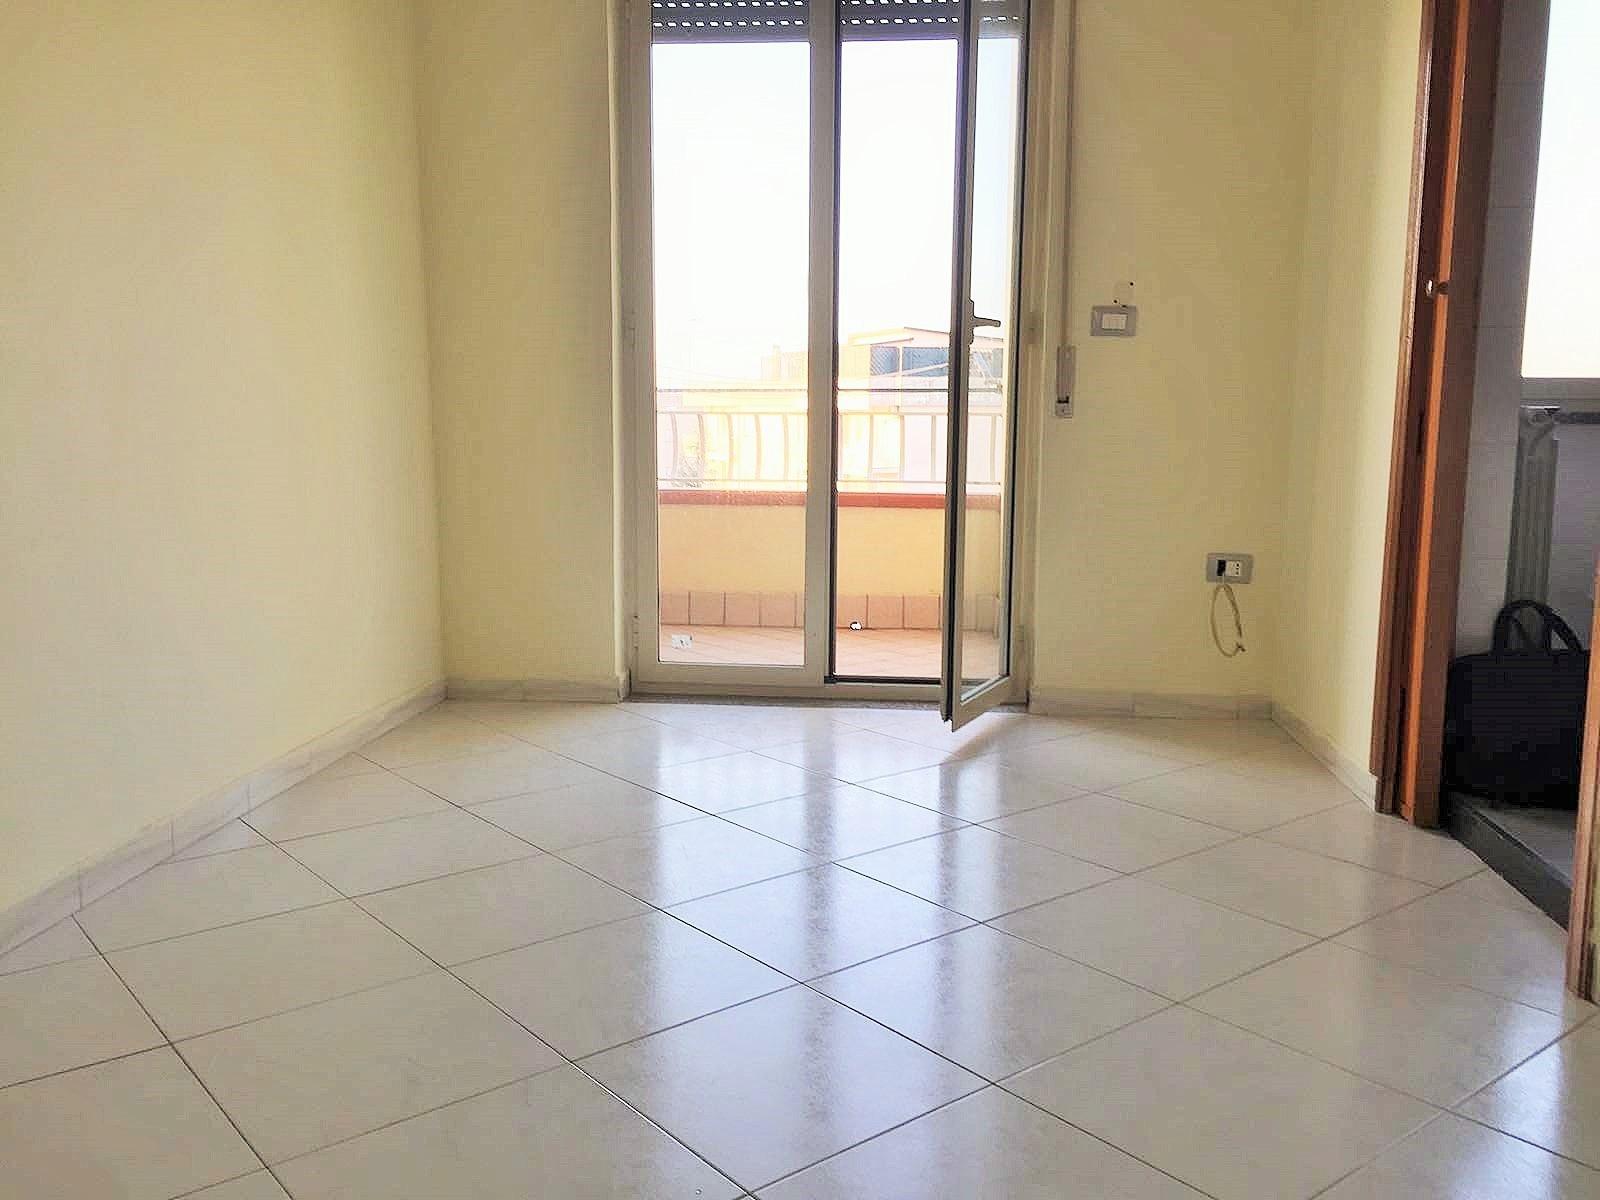 Appartamento monolocale in affitto marano di napoli for Monolocale arredato quarto napoli